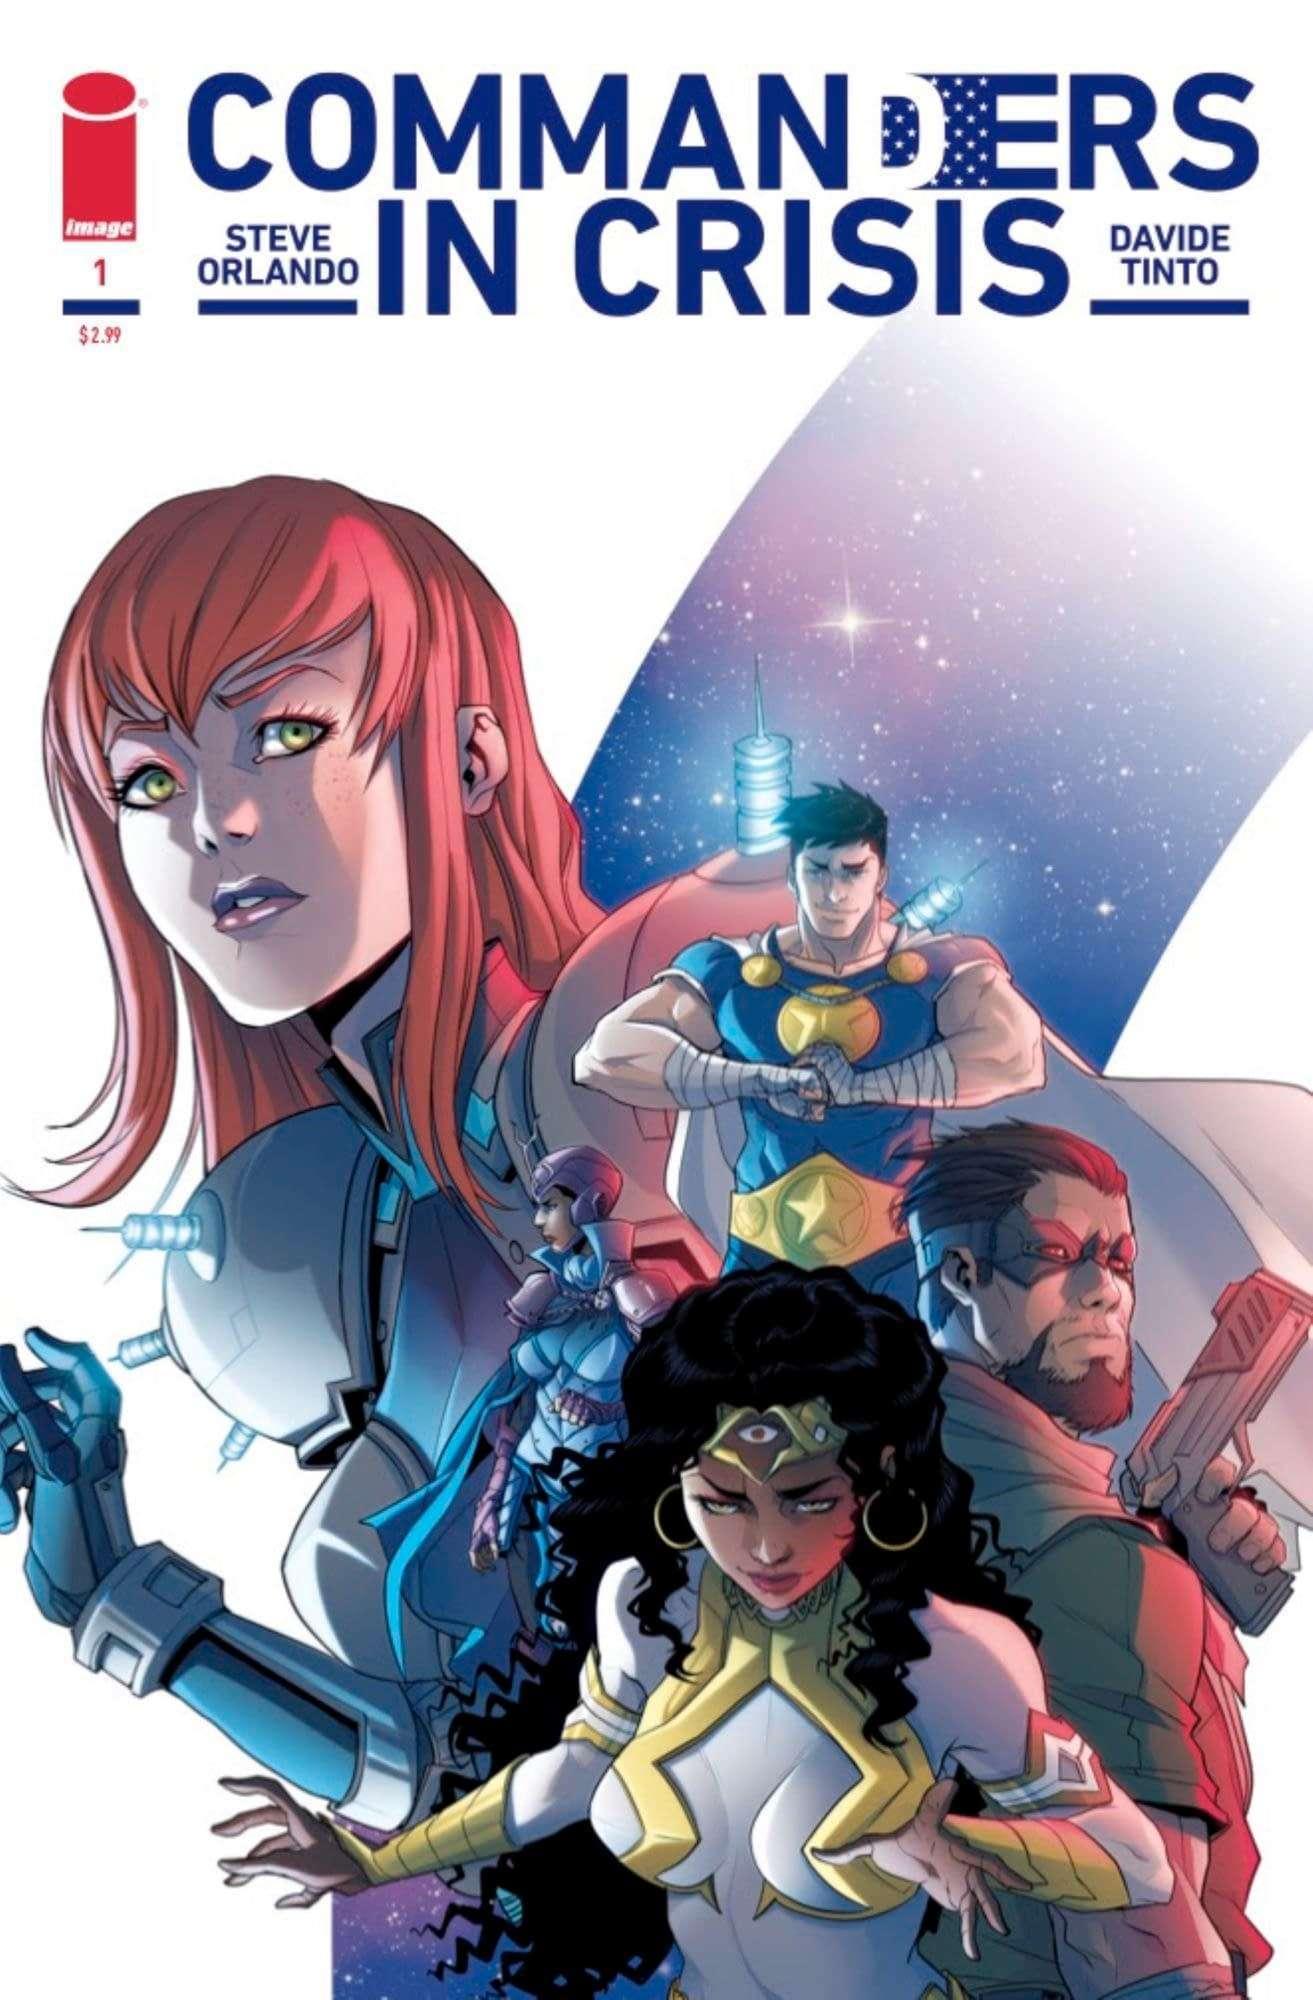 Comics fans, where do your loyalties lie?